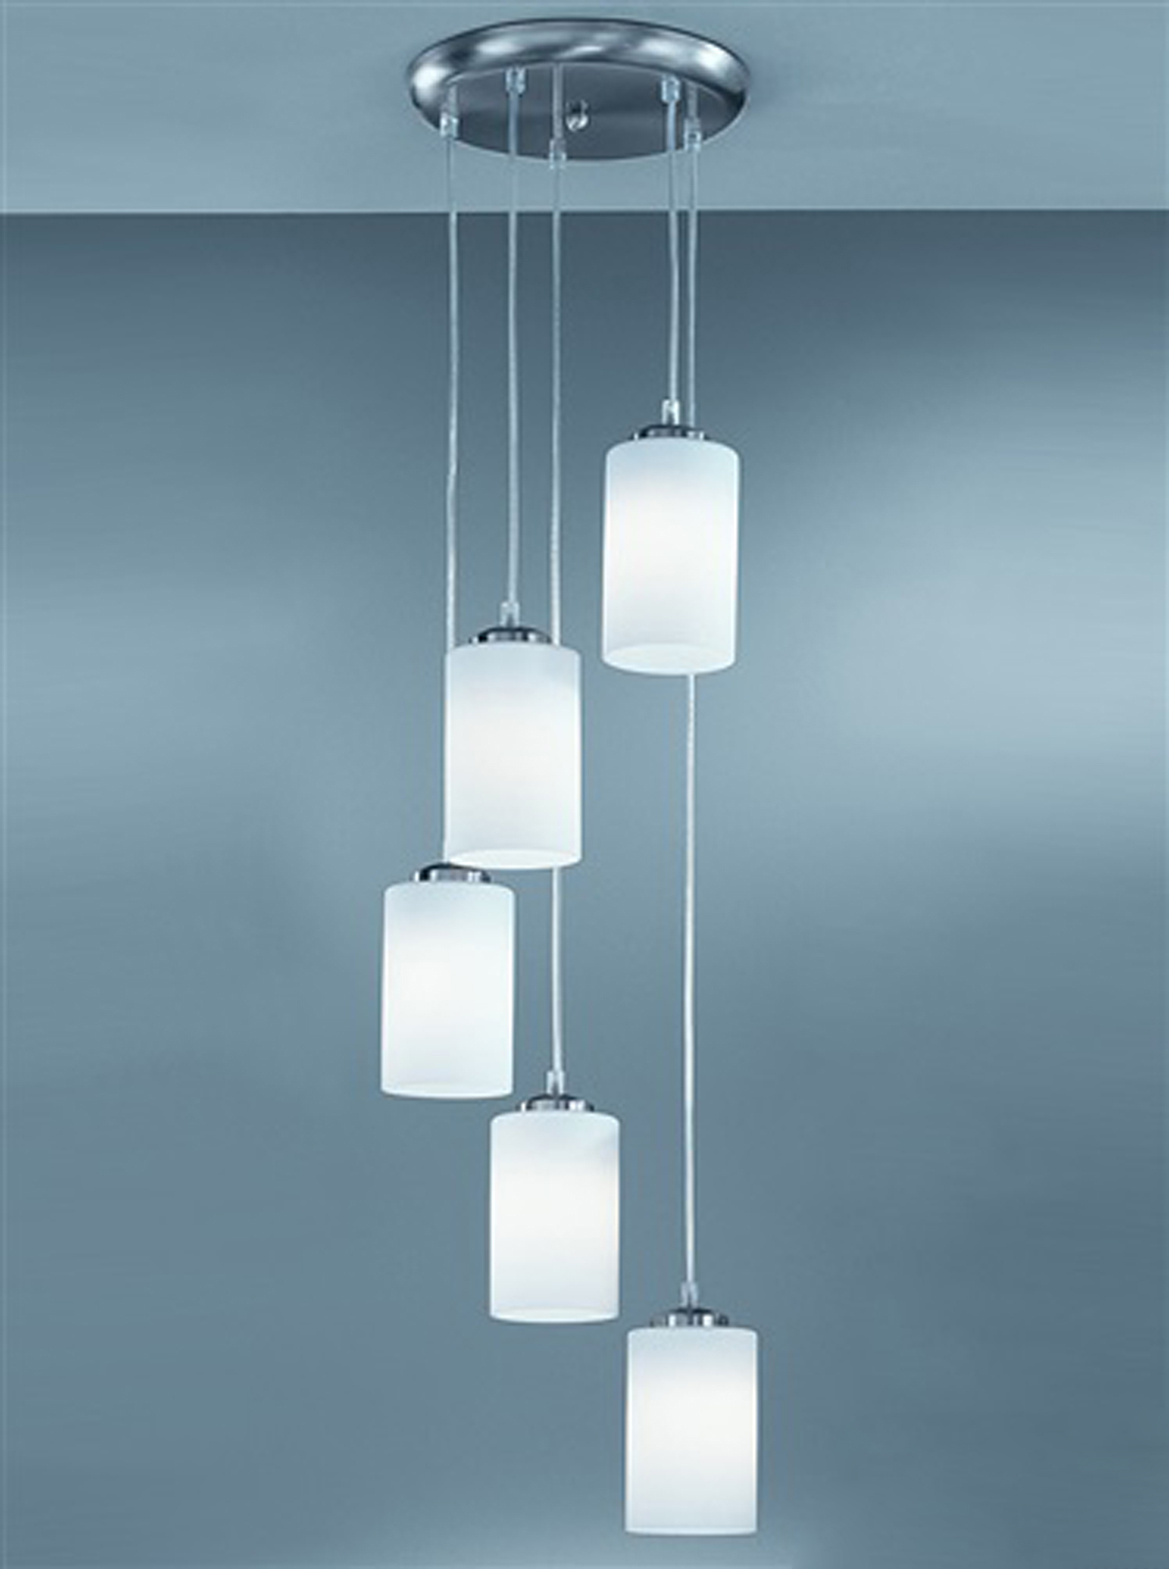 Franklite Modern 5 Light Ceiling Pendant Satin Nickel CO9575 727 From Easy